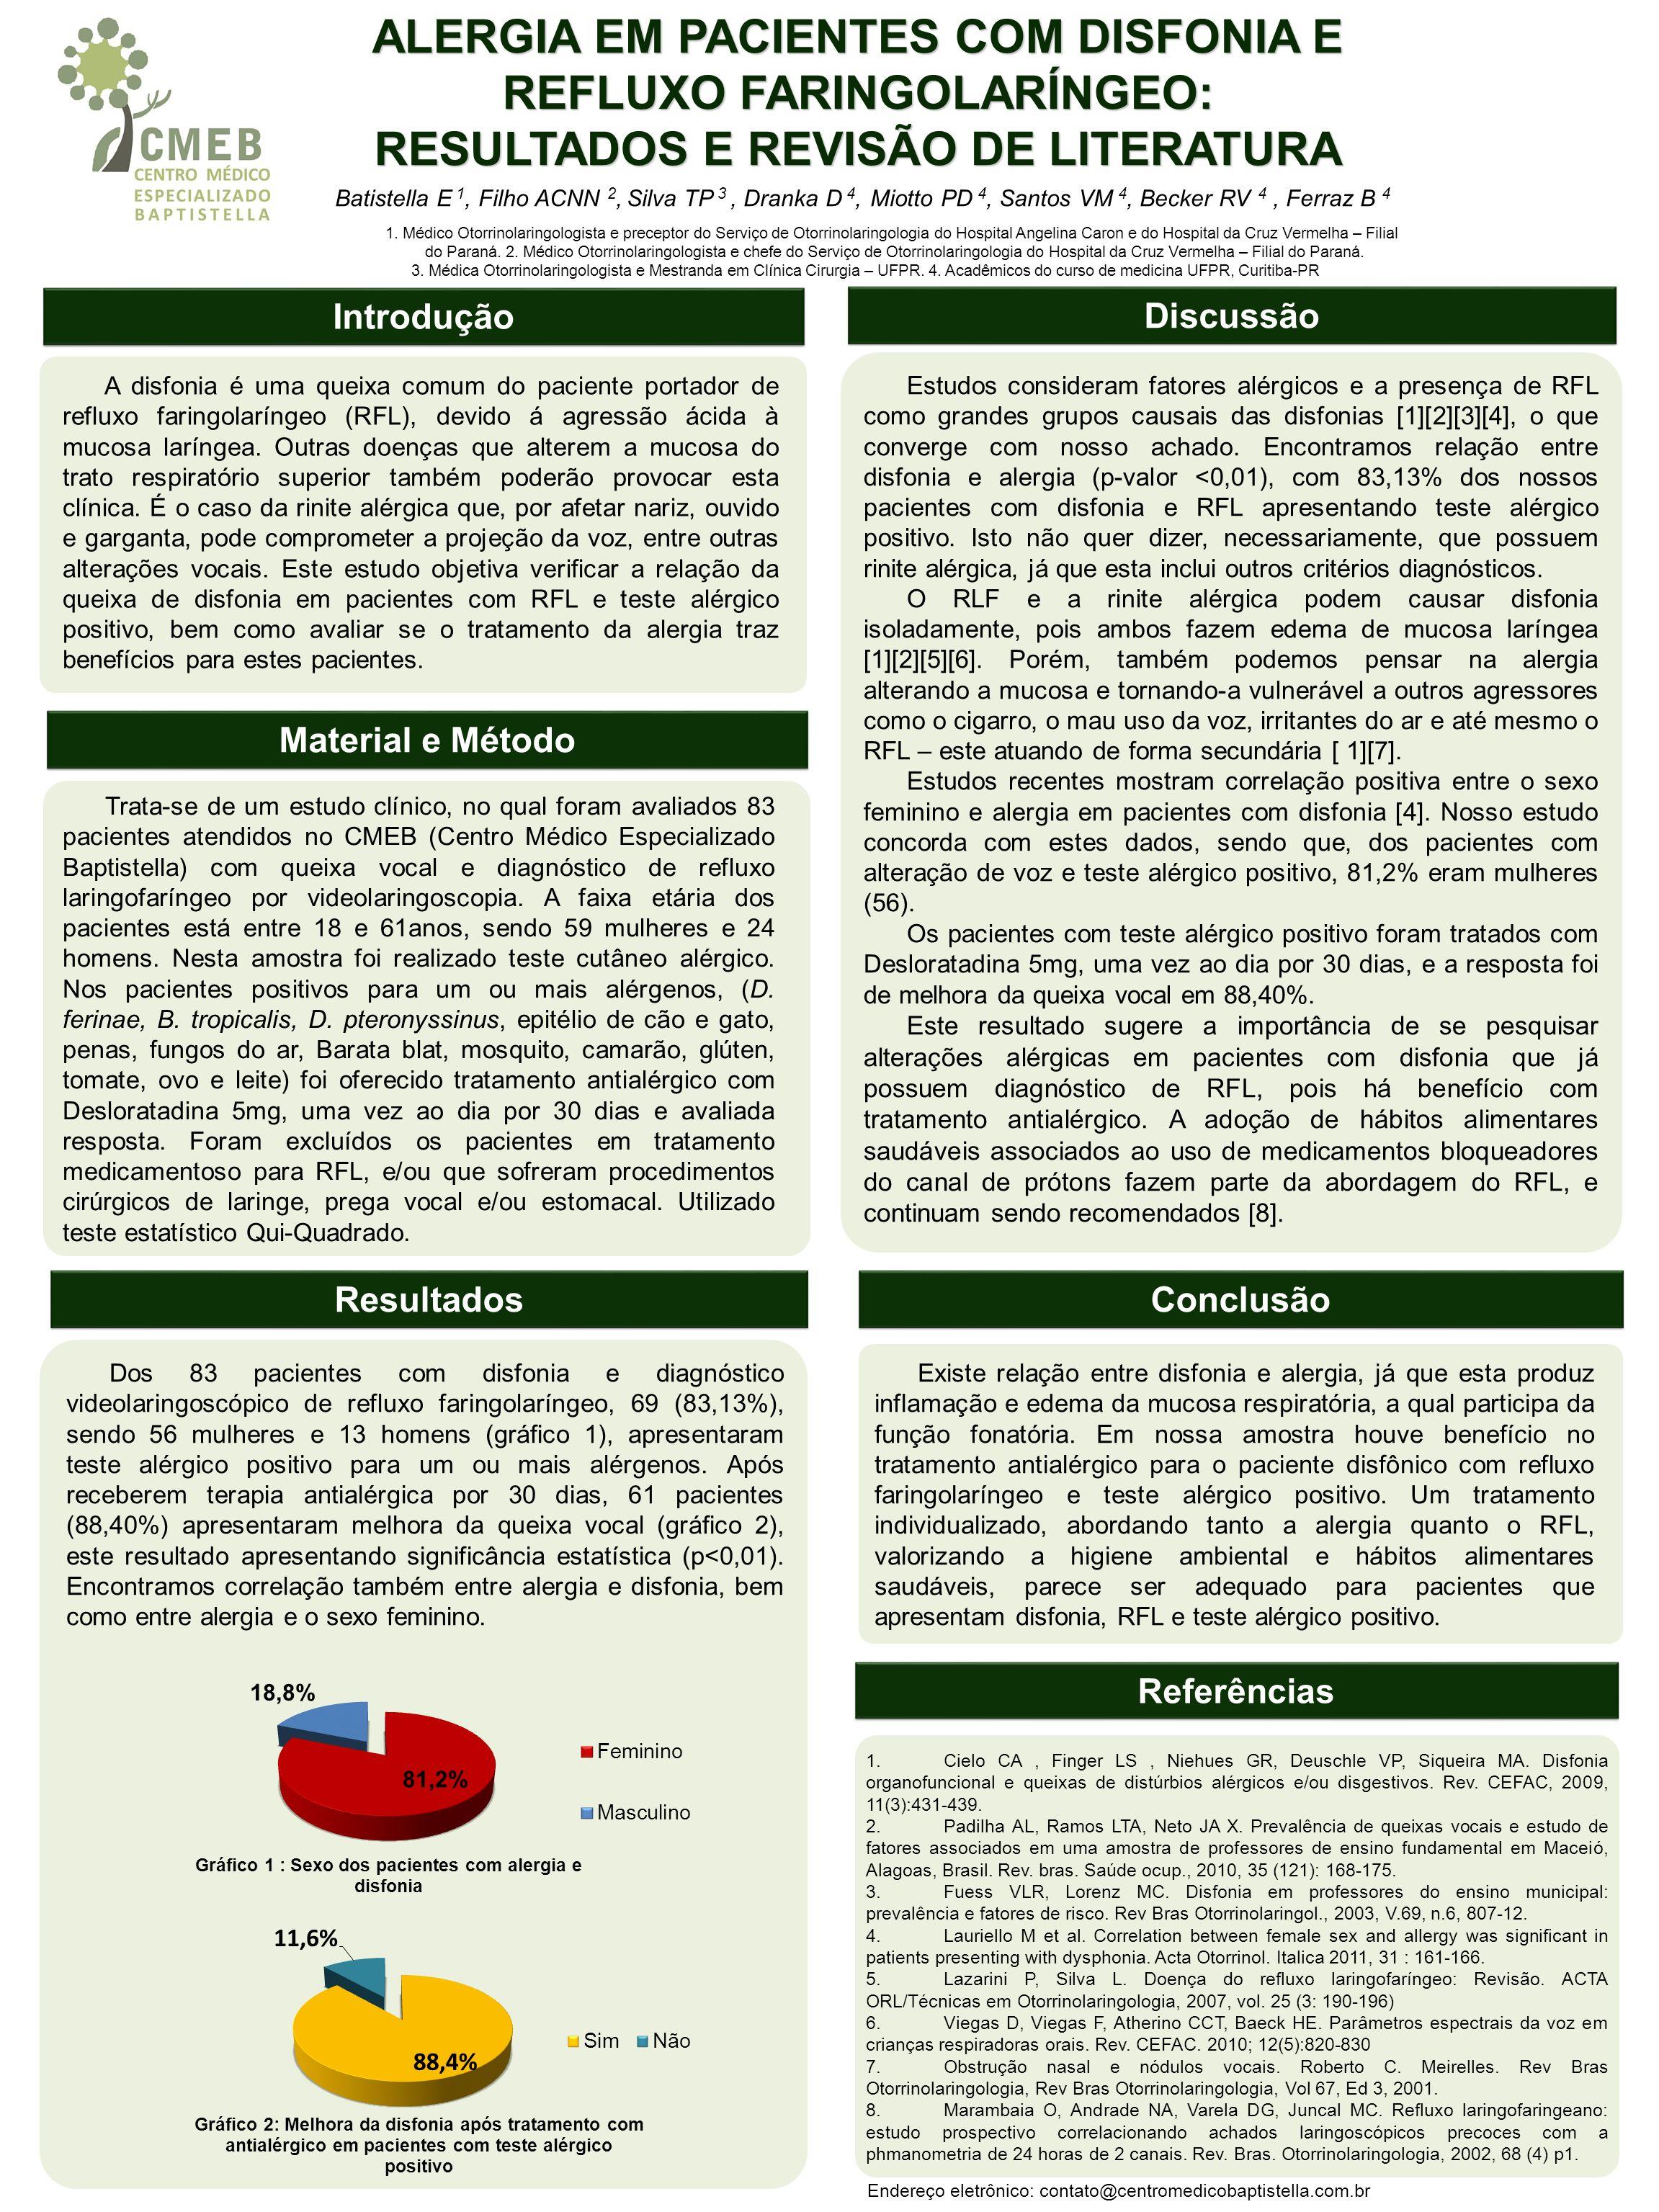 ALERGIA EM PACIENTES COM DISFONIA E REFLUXO FARINGOLARÍNGEO: RESULTADOS E REVISÃO DE LITERATURA Introdução Conclusão Referências 1.Cielo CA, Finger LS